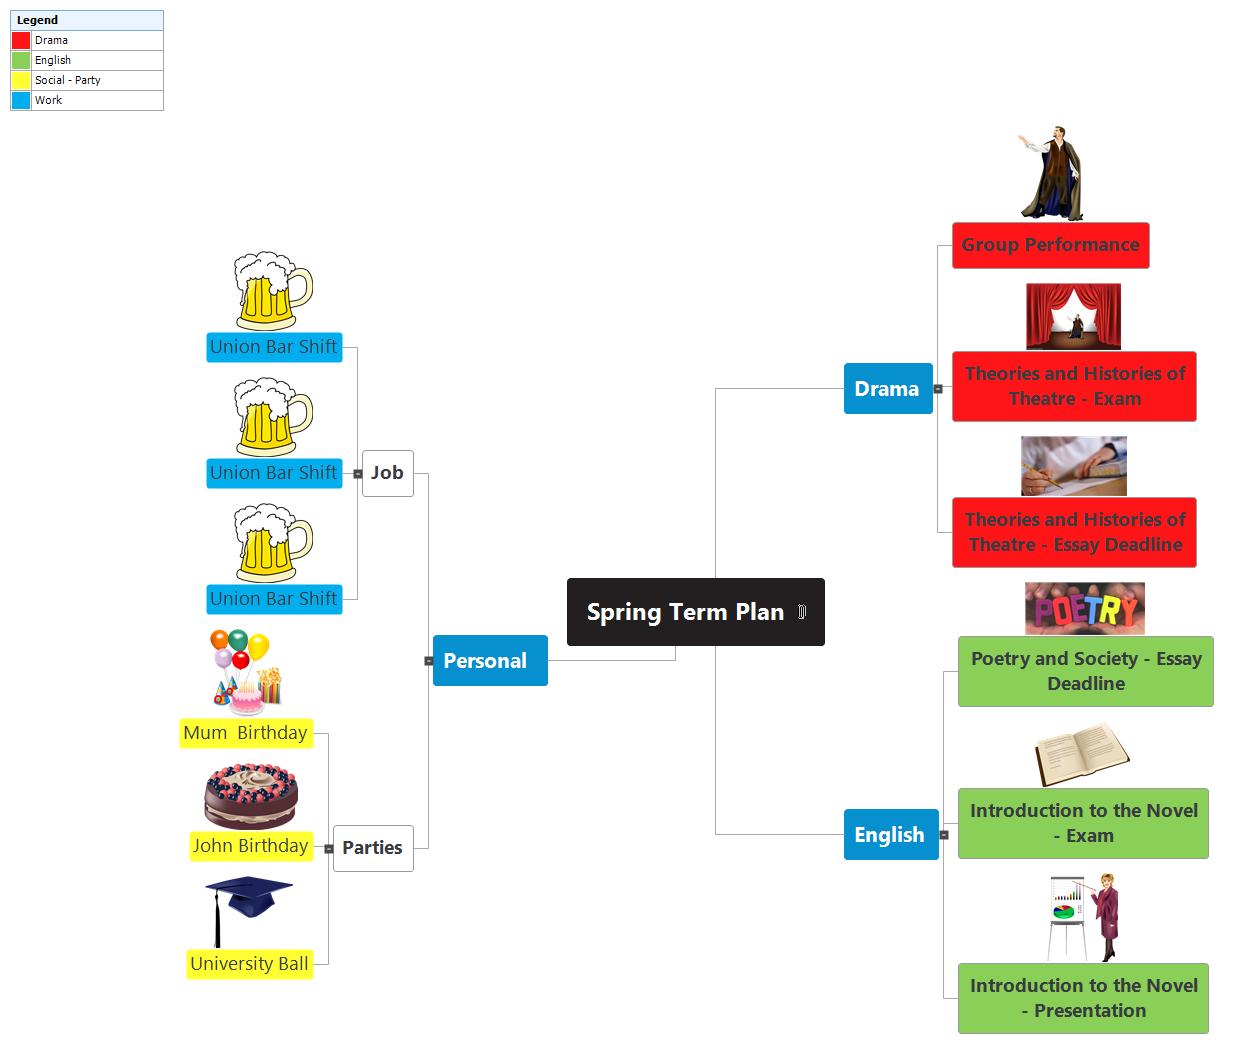 Spring Term Plan Mind Map